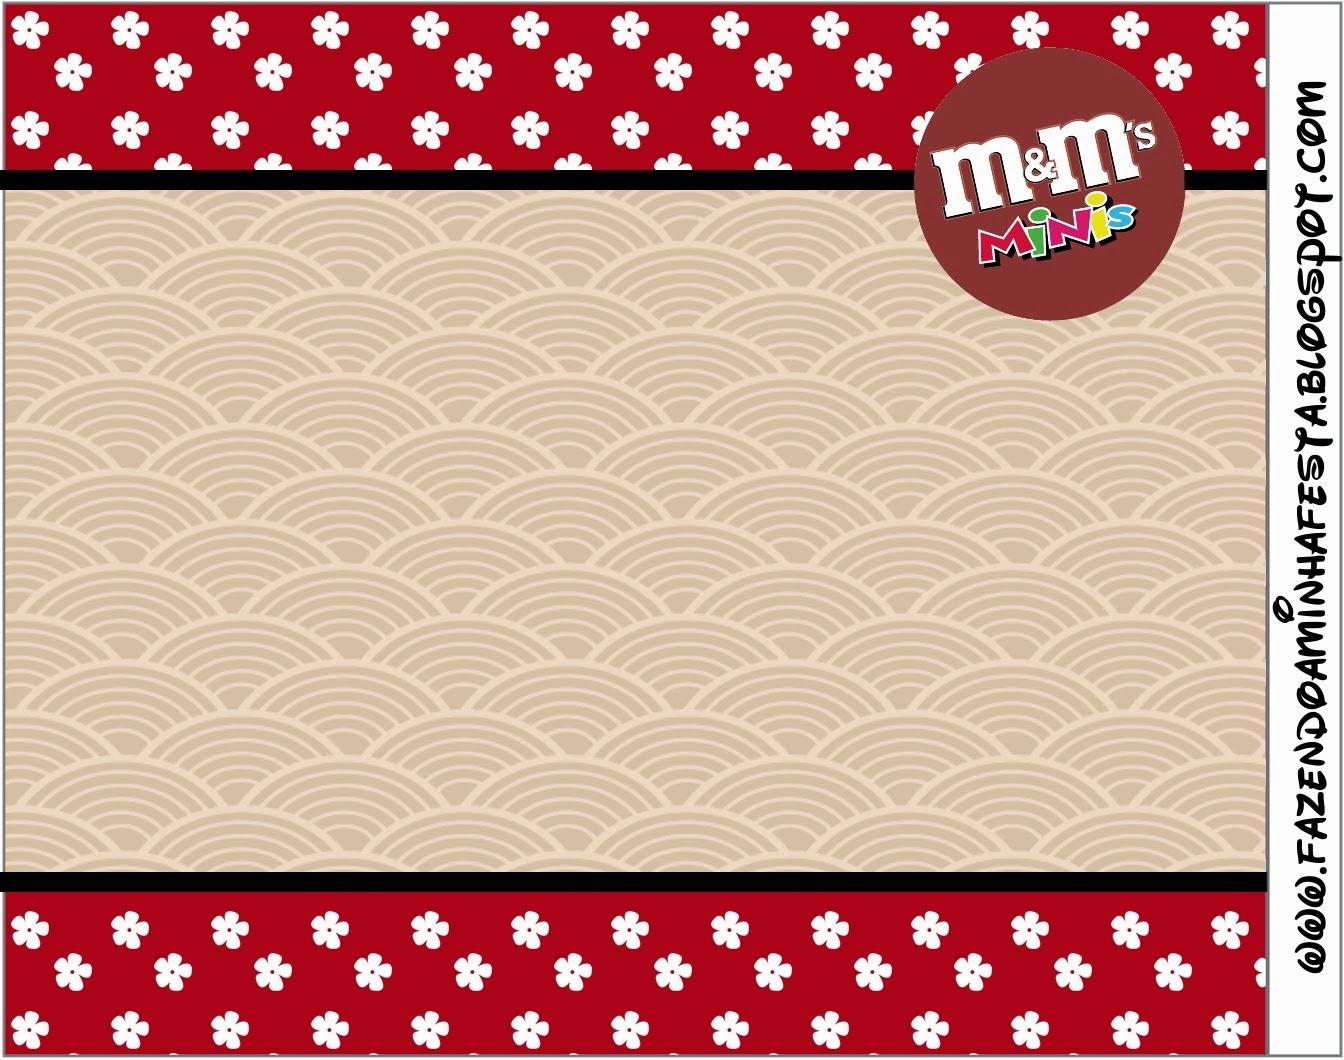 Etiquetas M&M  para Imprimir Gratis de Fiesta Estilo Japonés.